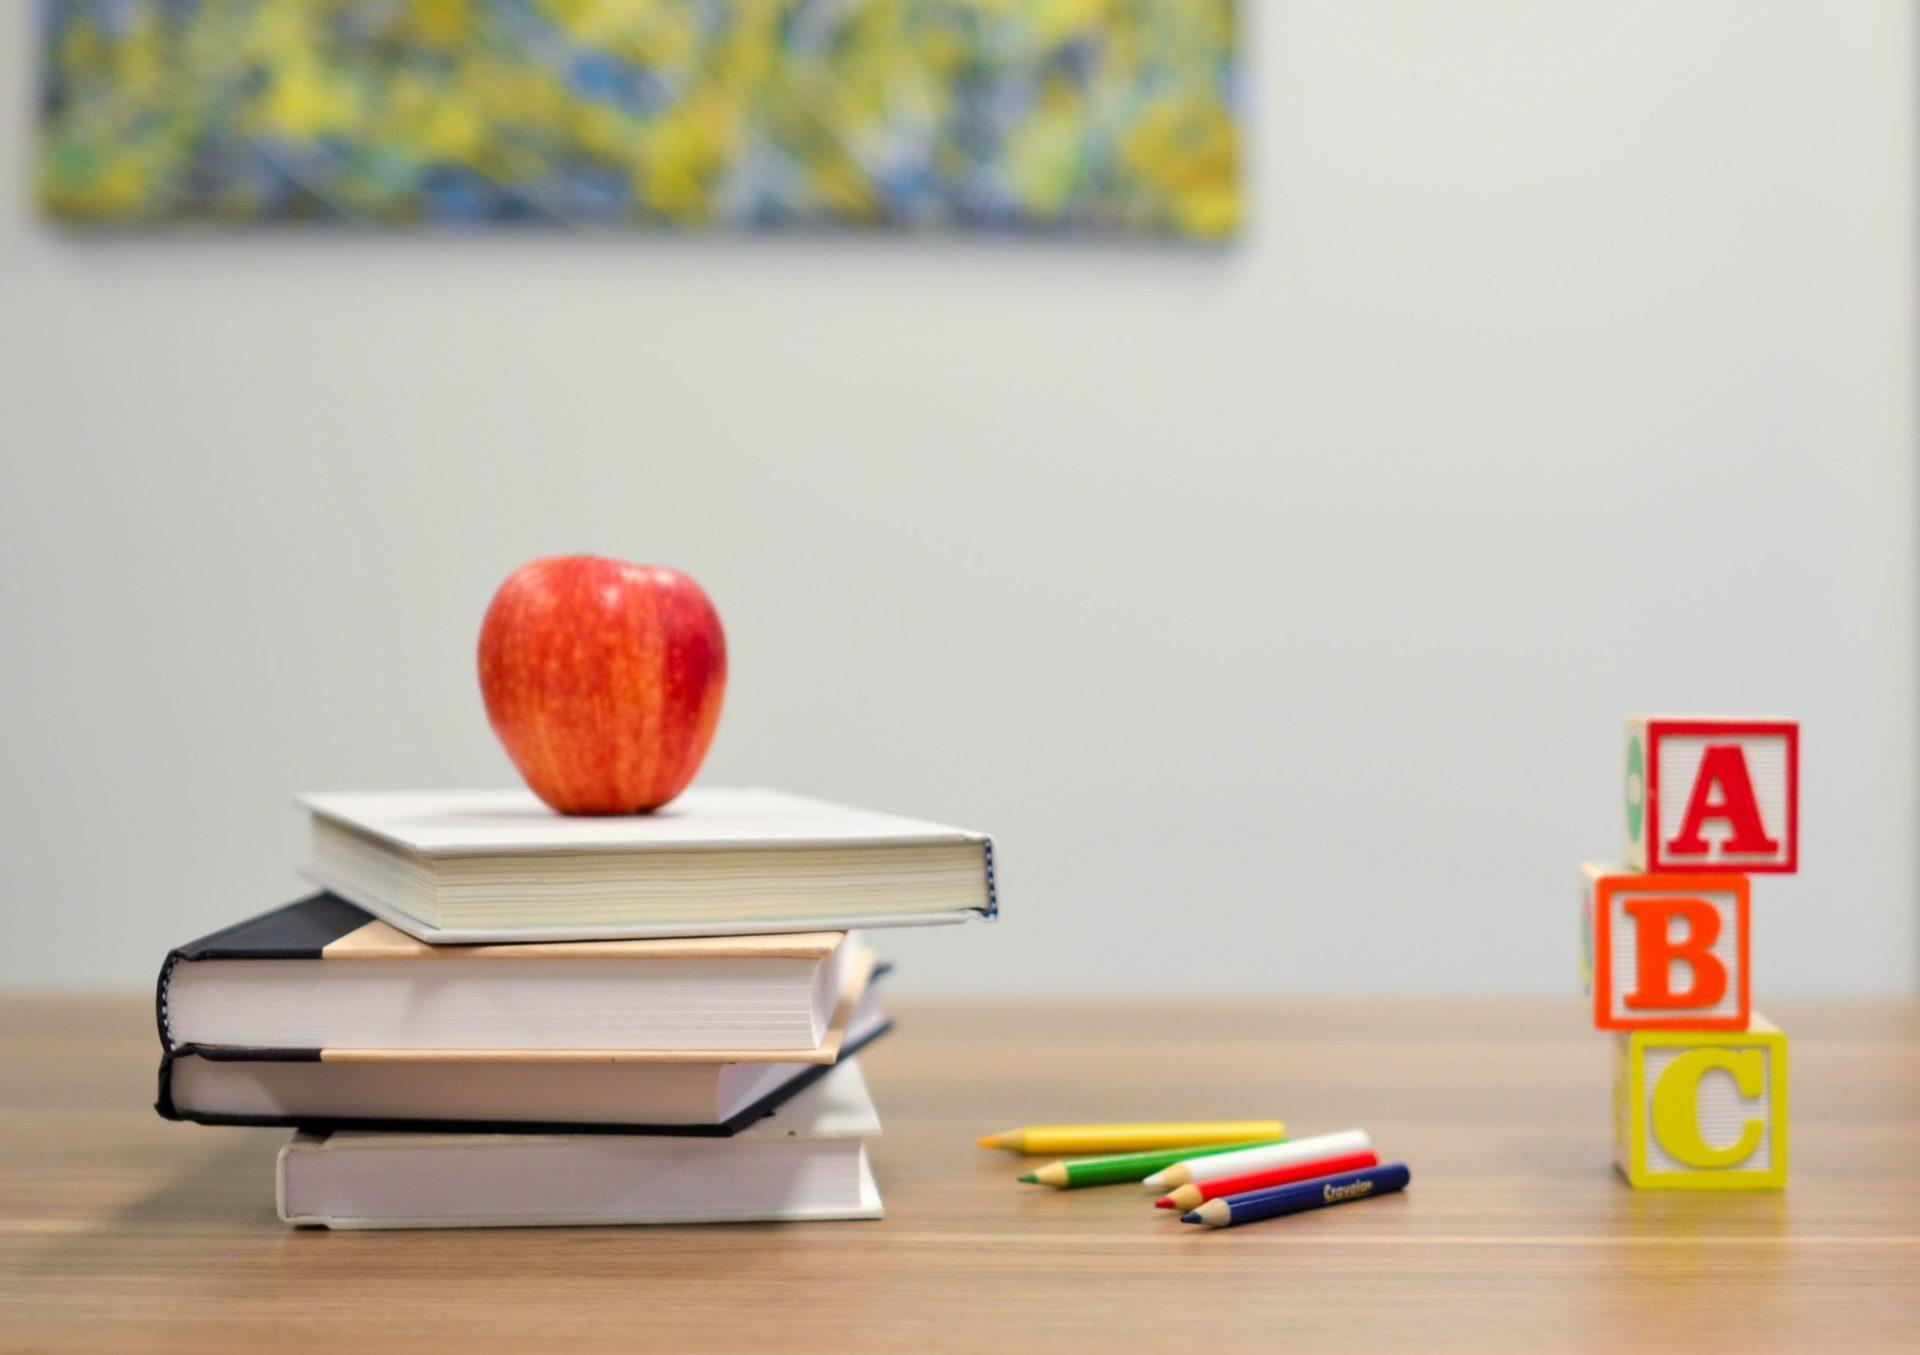 Assainissement non collectif pour les écoles